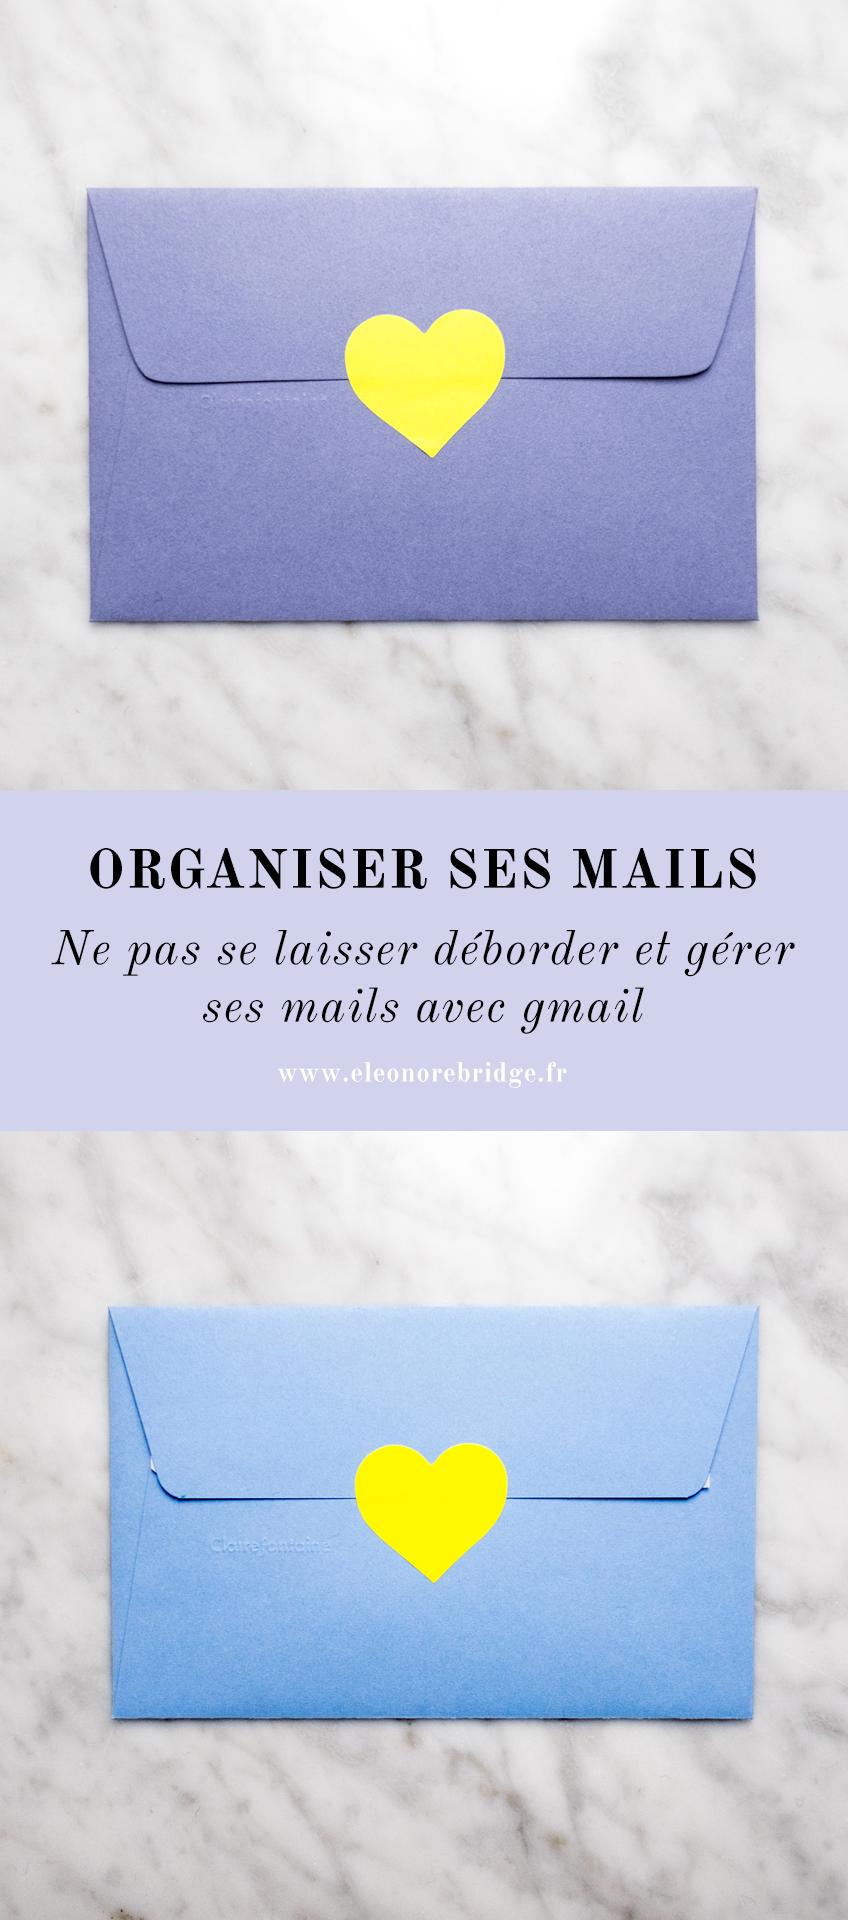 Organiser et ranger ses mails avec gmail : trucs et astuces pour utiliser les libellés, catégories, réponses automatiques. Mes tutos pour utiliser gmail et apprendre à gérer efficacement sa boîte mail sans stress.